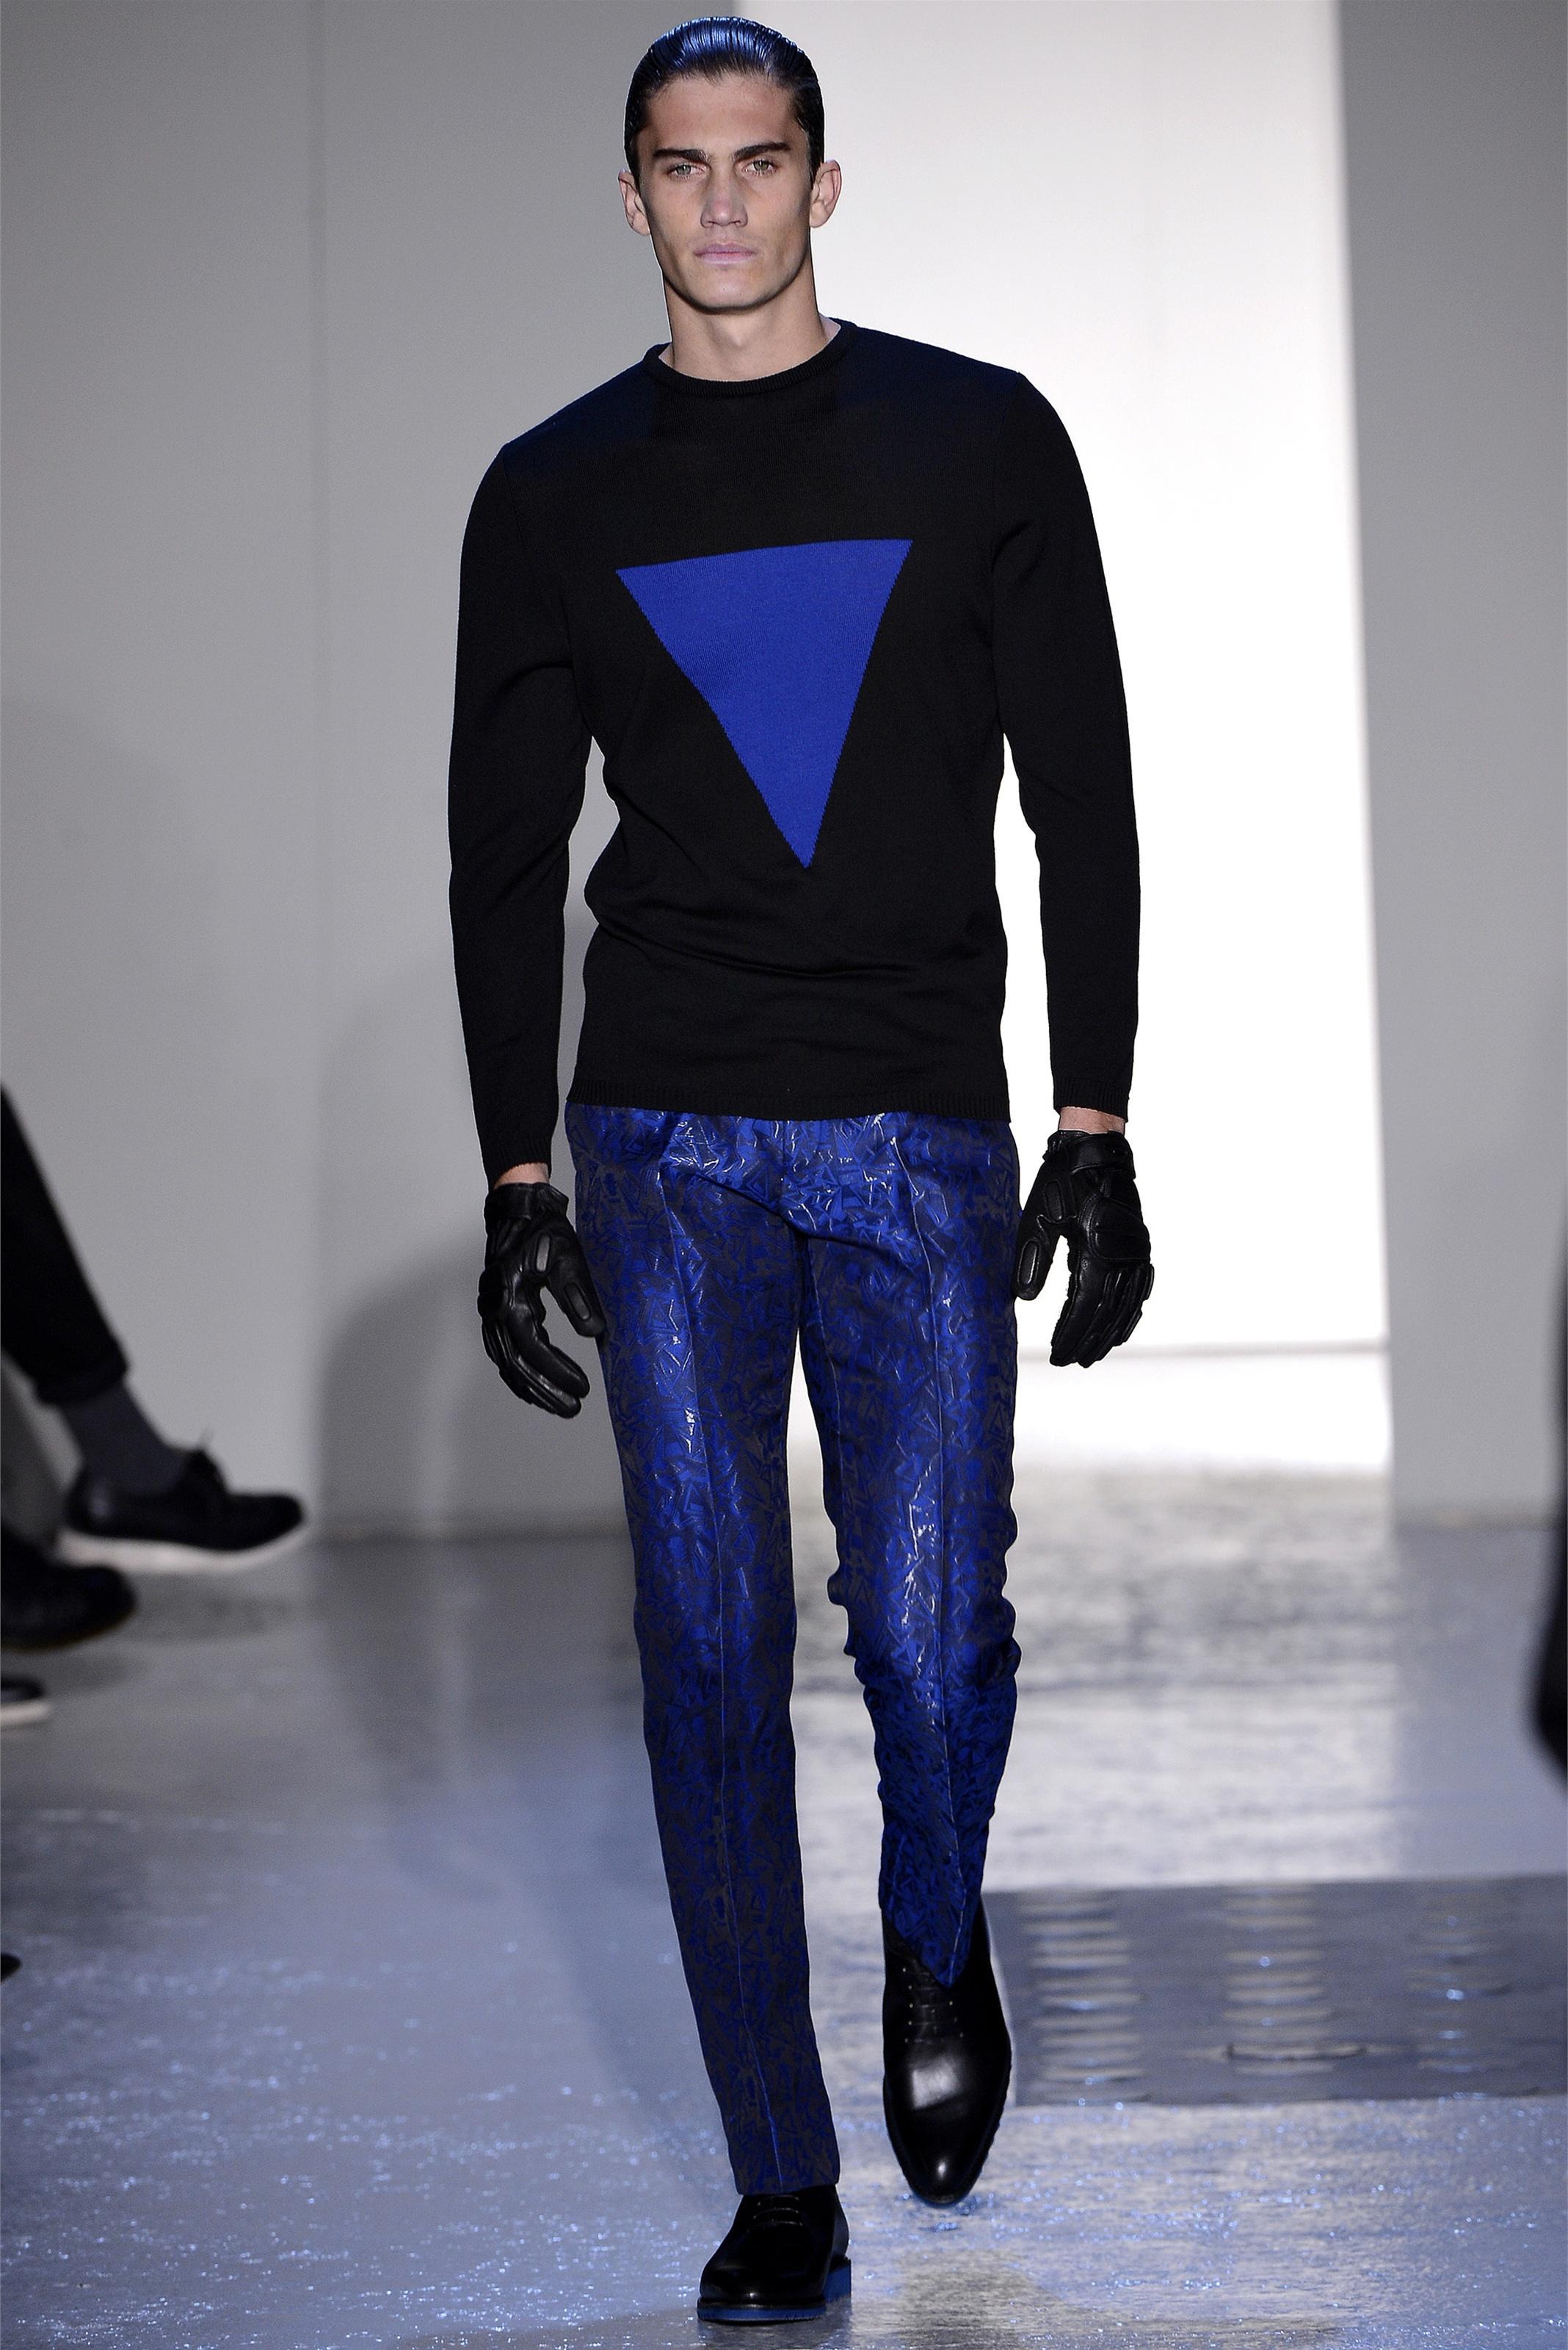 Future fashion for men 48